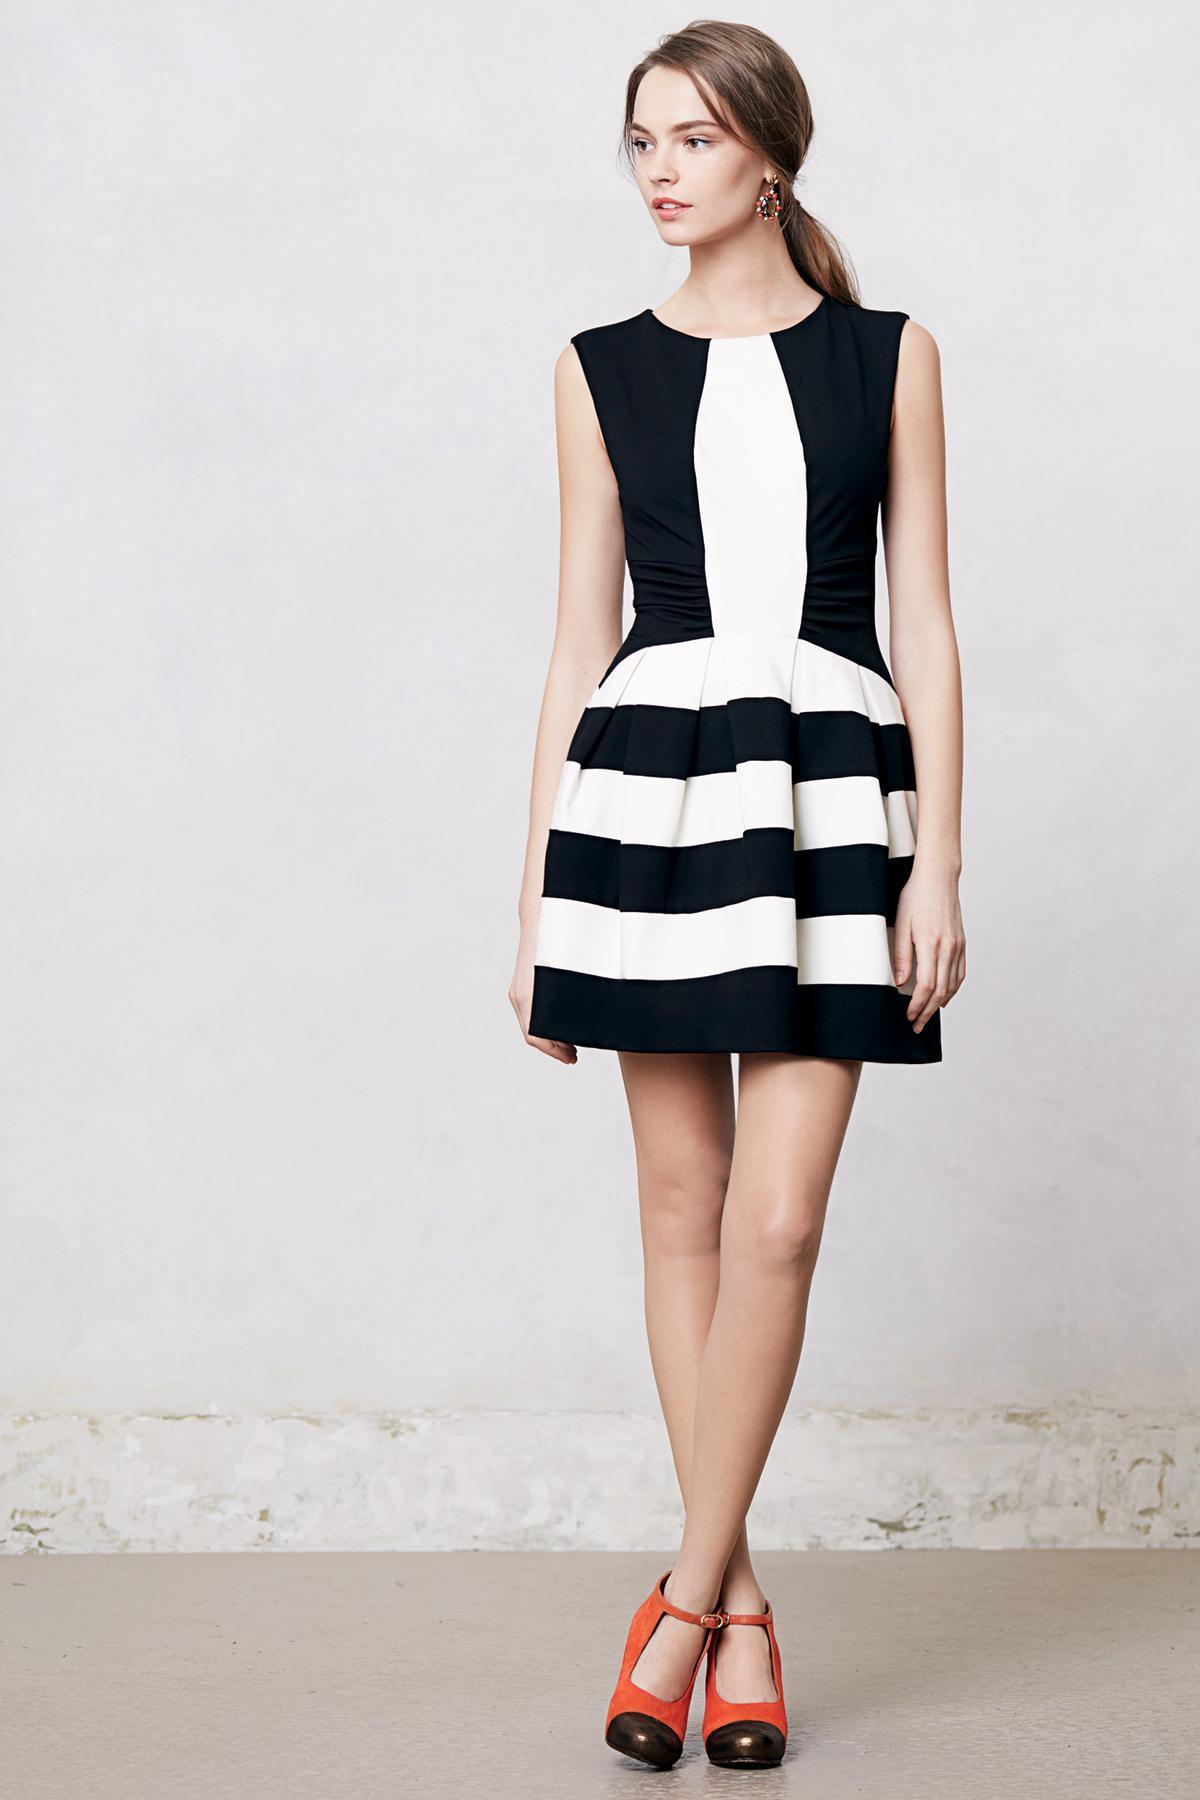 schwarz weiße kleider für android - apk herunterladen